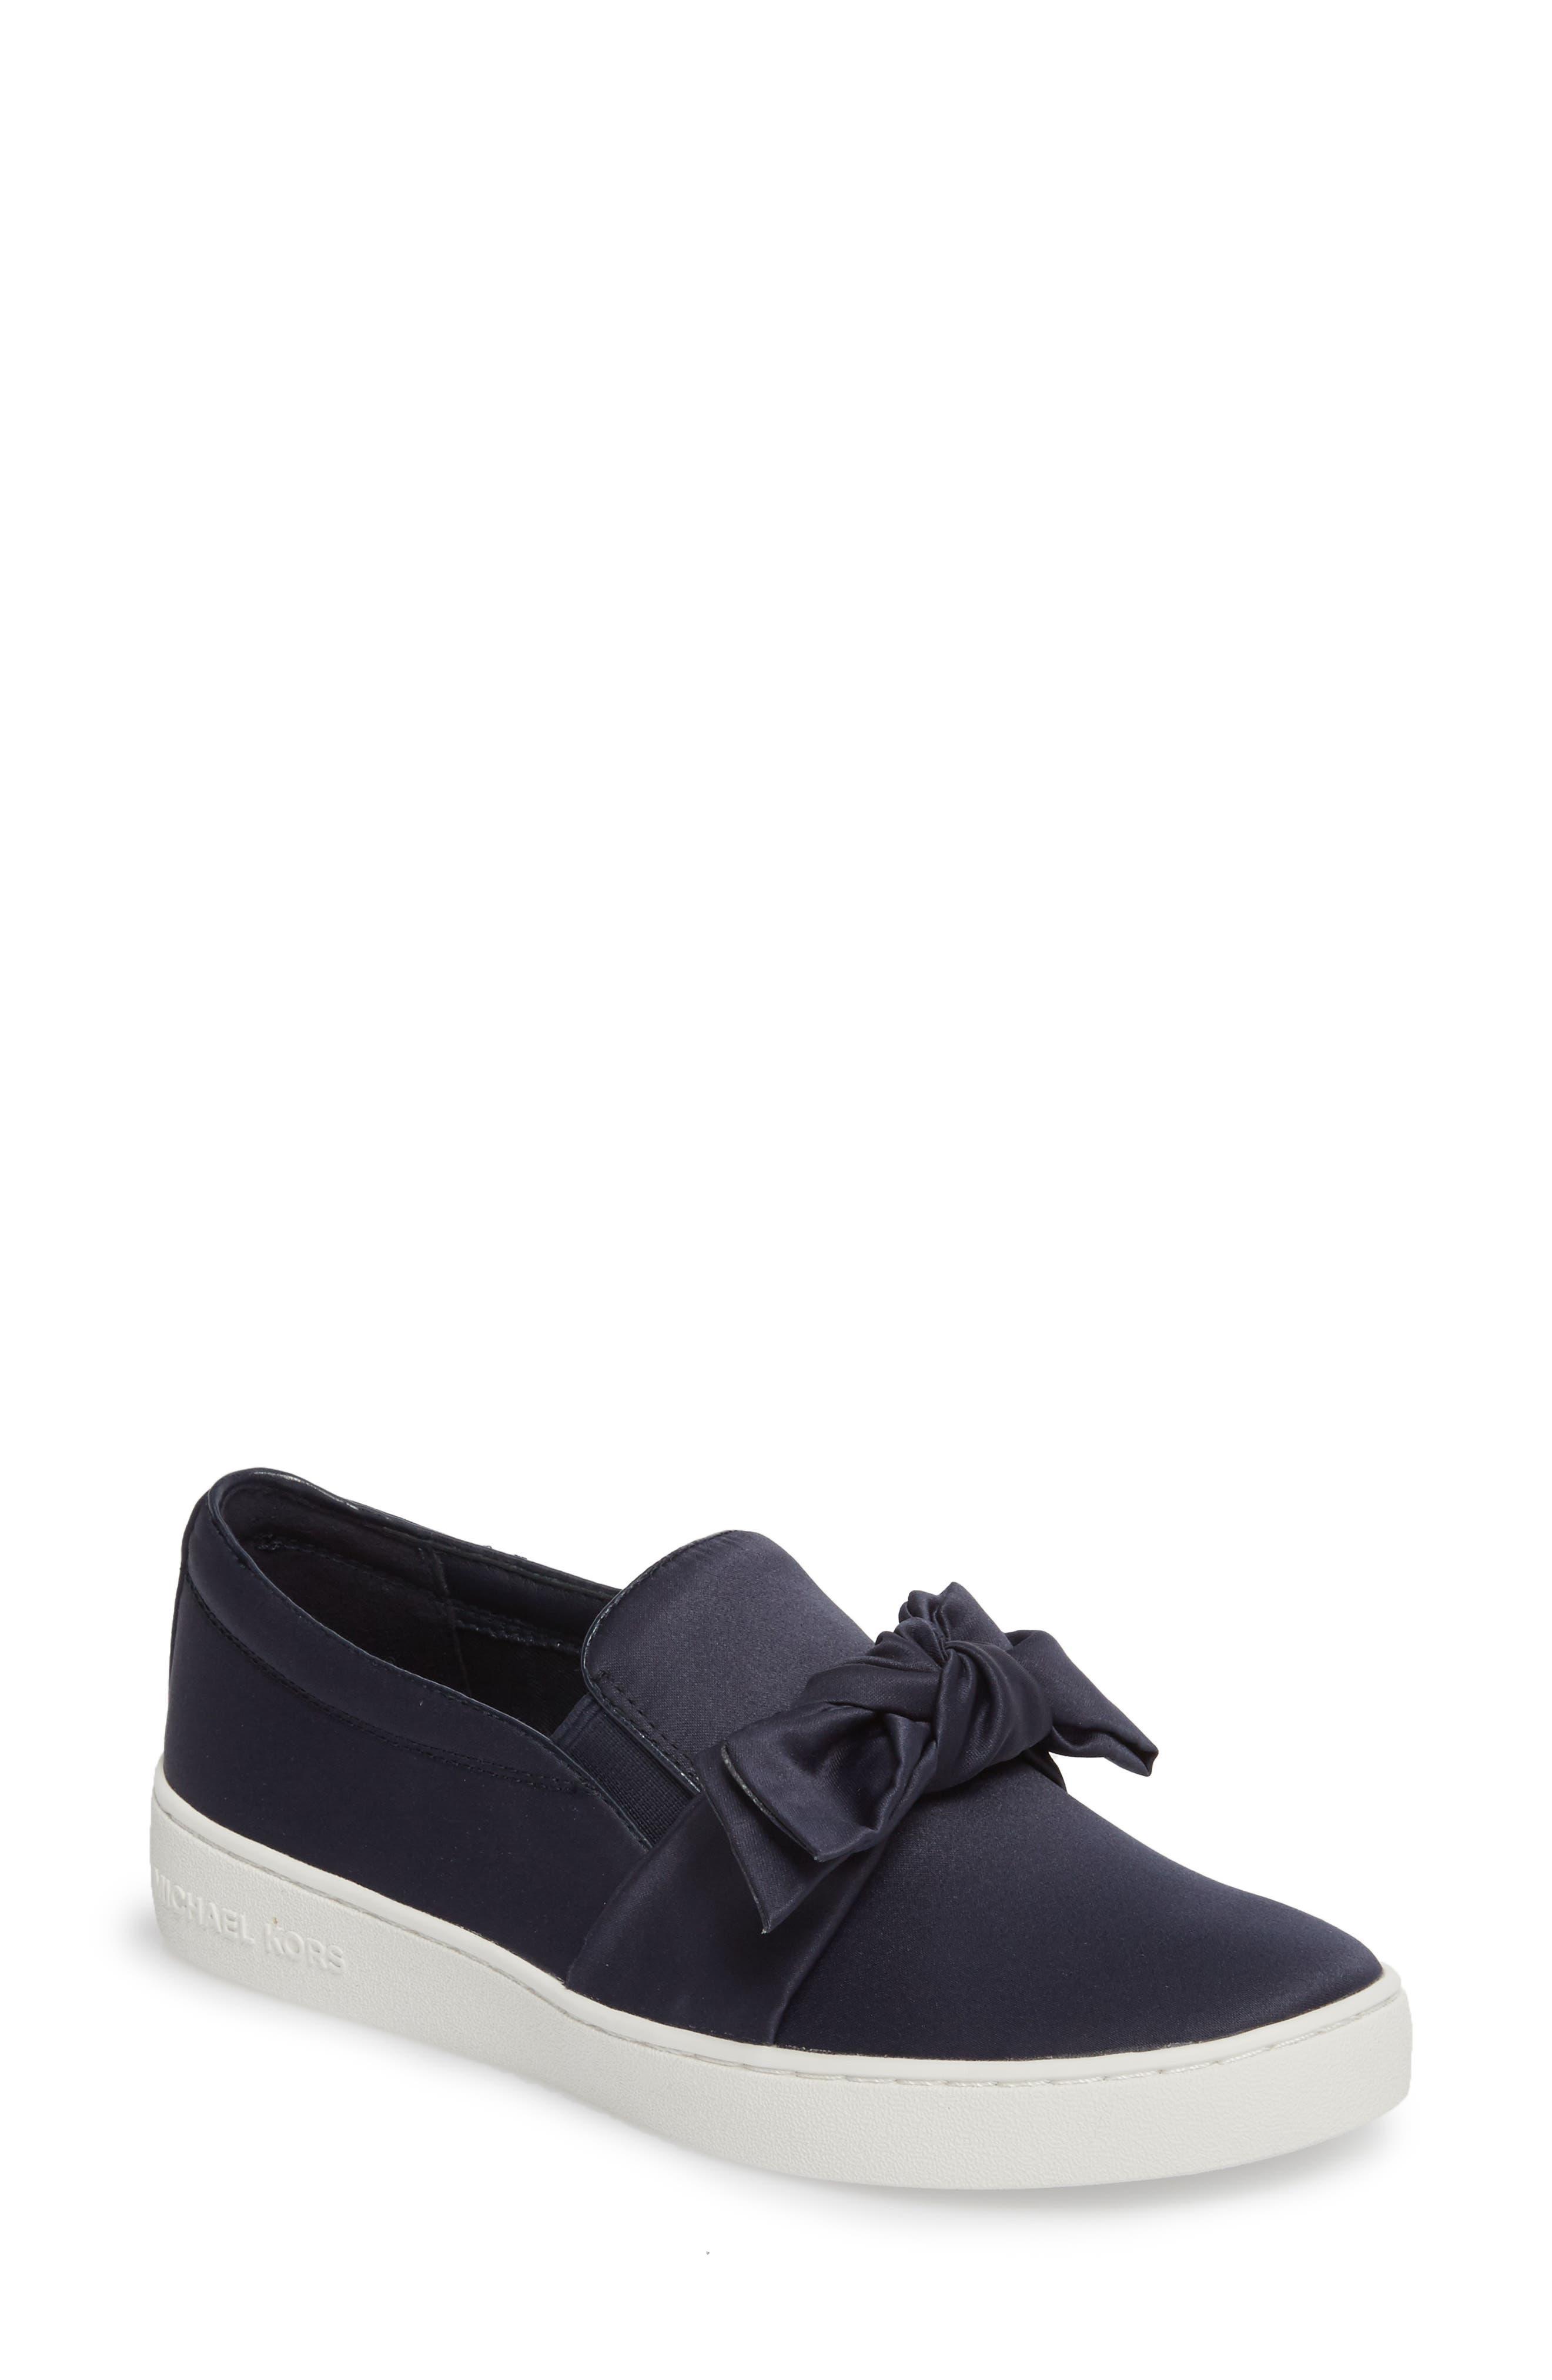 Willa Sneaker,                         Main,                         color,